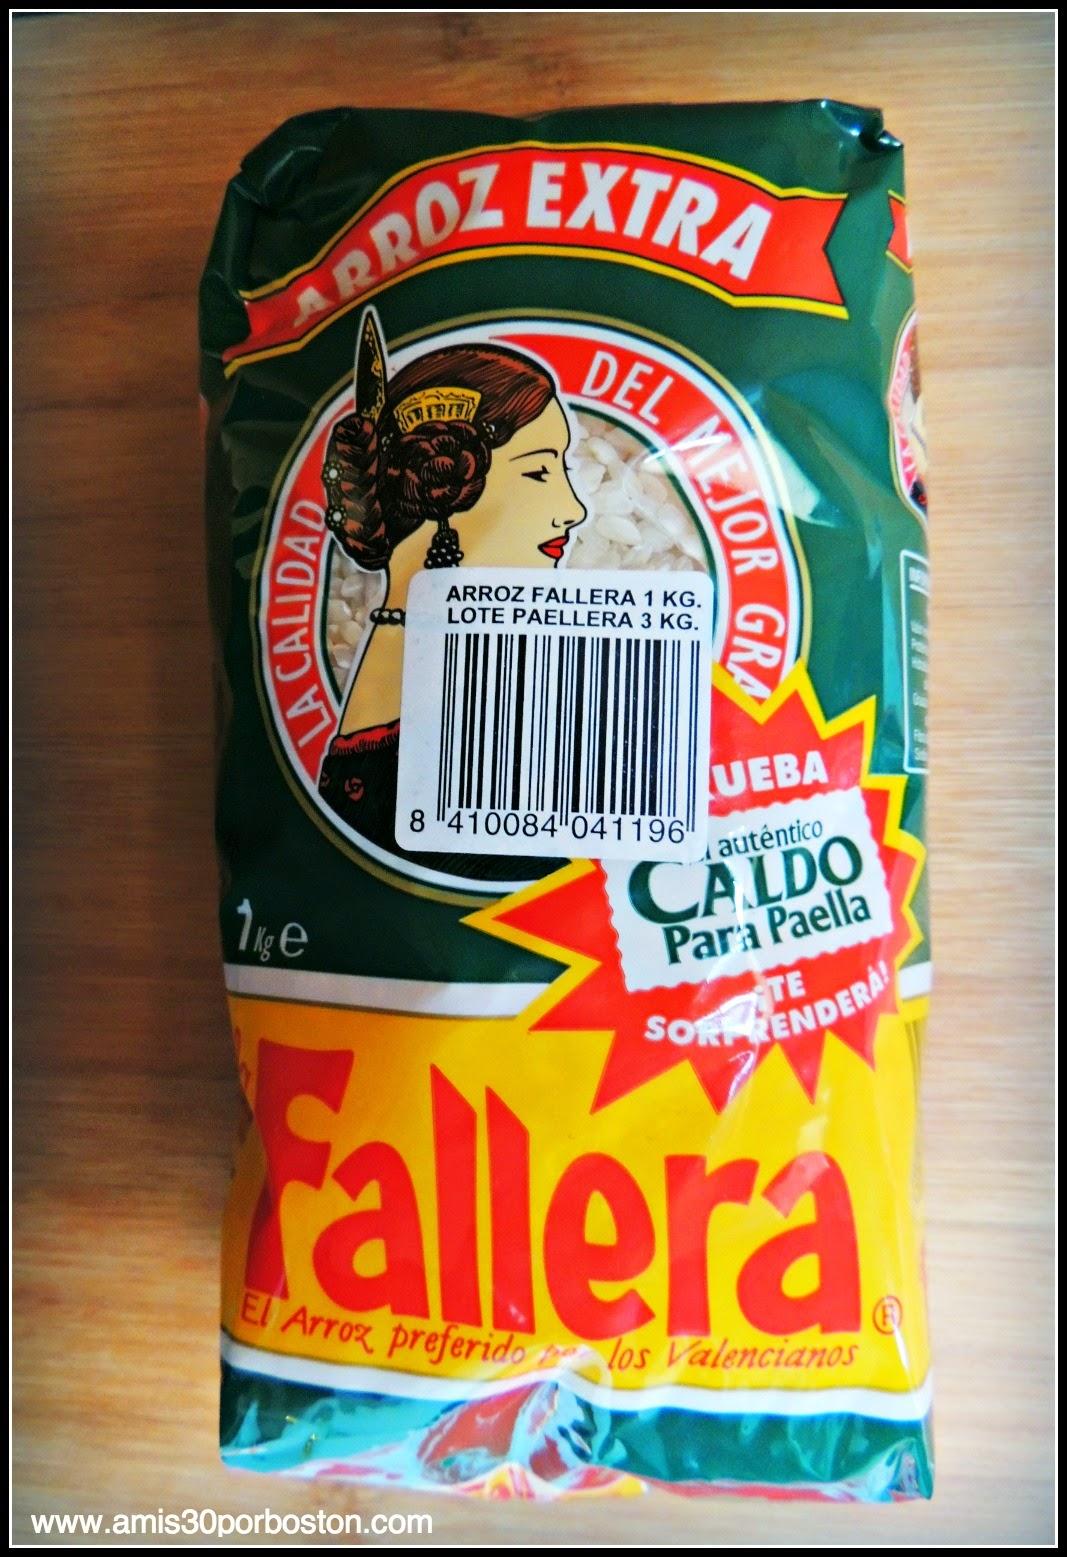 Los Productos Españoles en mis Maletas a Boston: Arroz